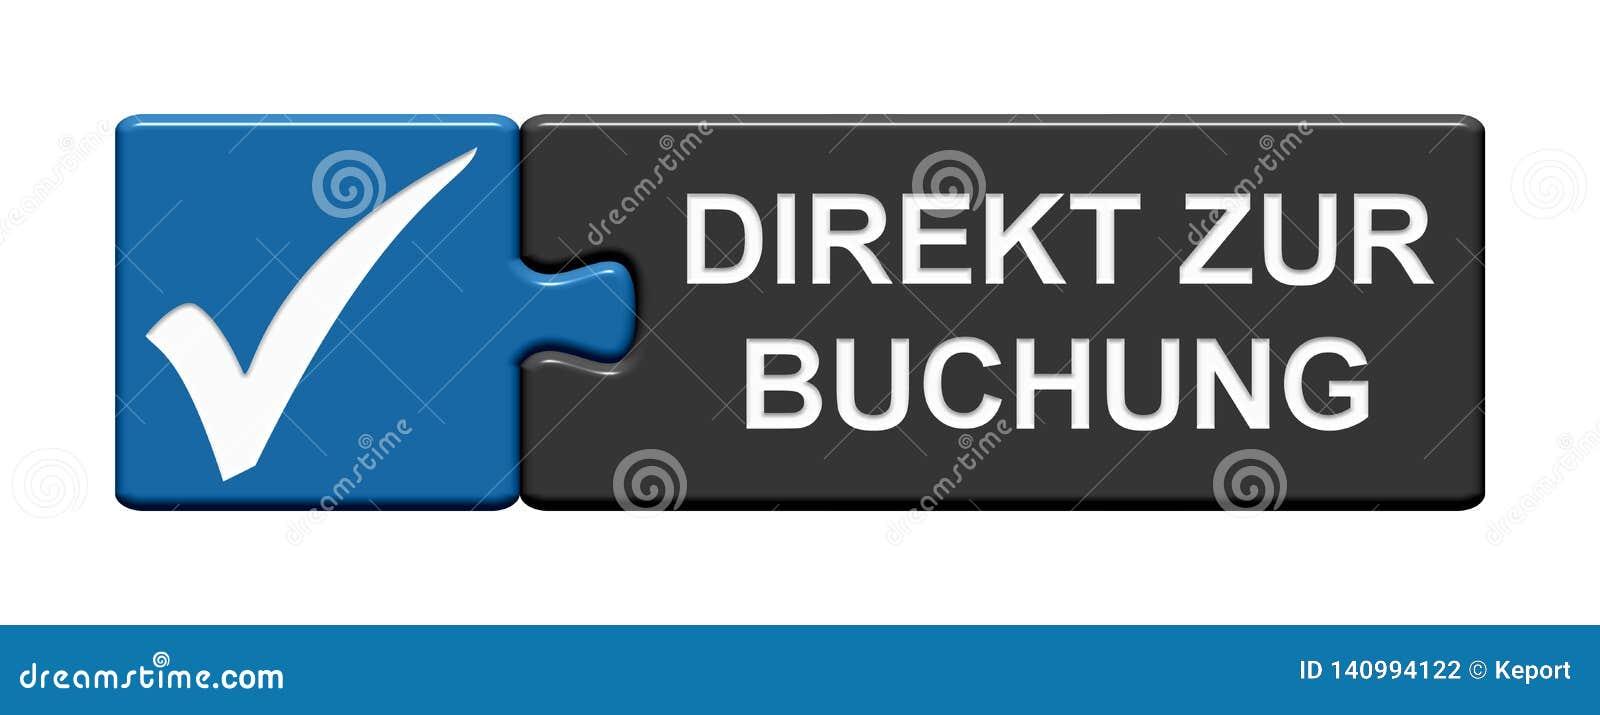 Raadselknoop met tikpictogram die tonen: Direct Duits boek